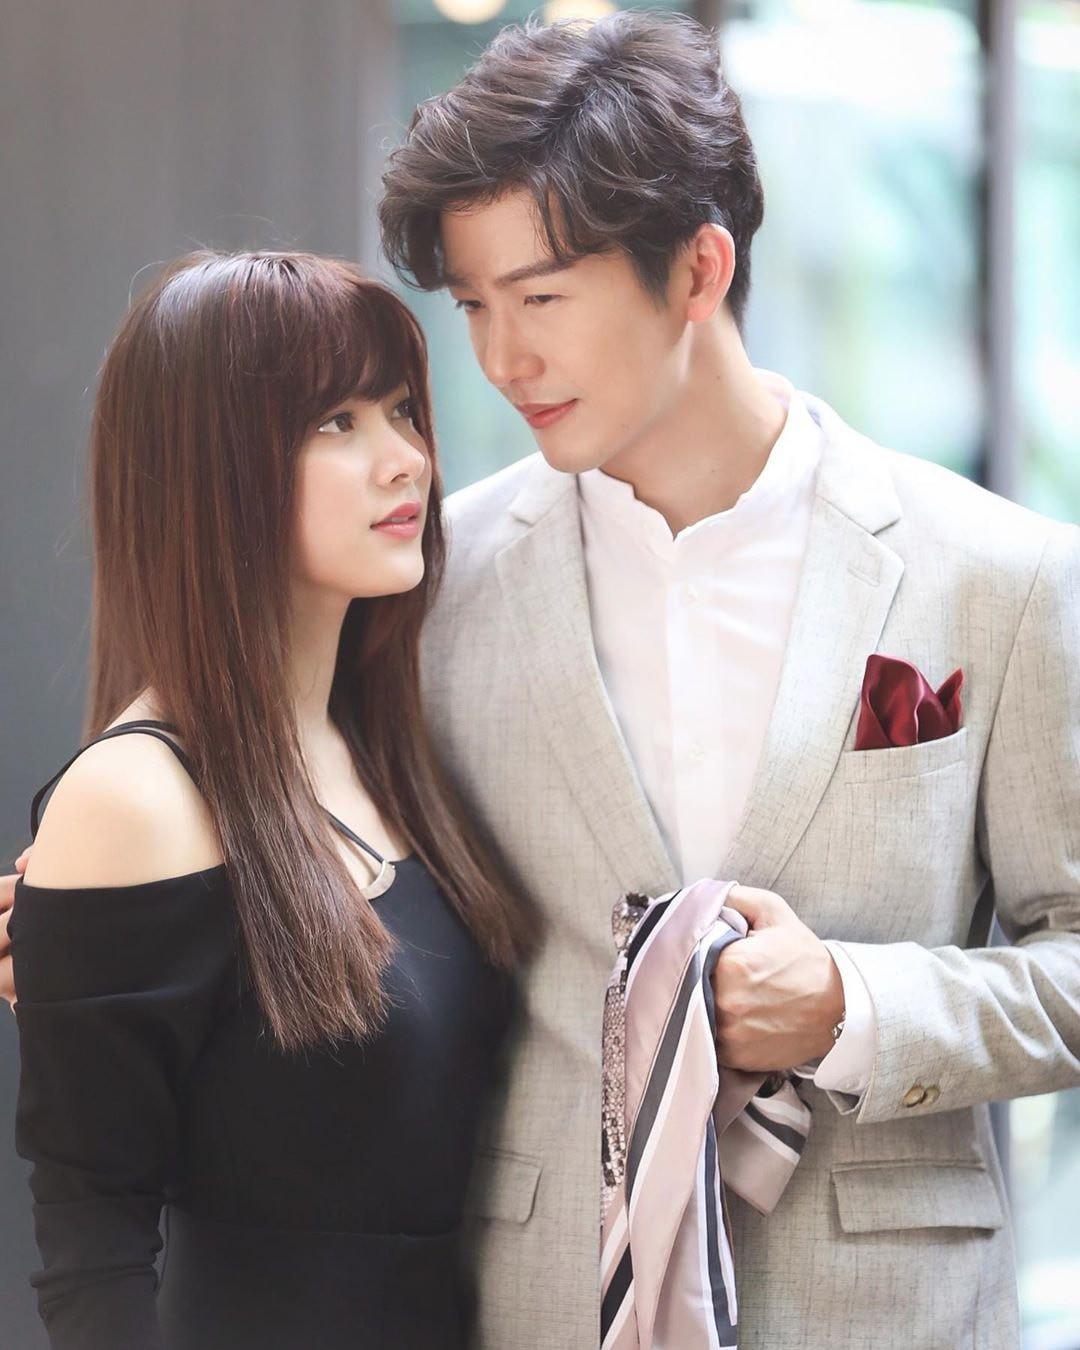 Cuộc hôn nhân không hạnh phúc với Rong là sai lầm của Chat